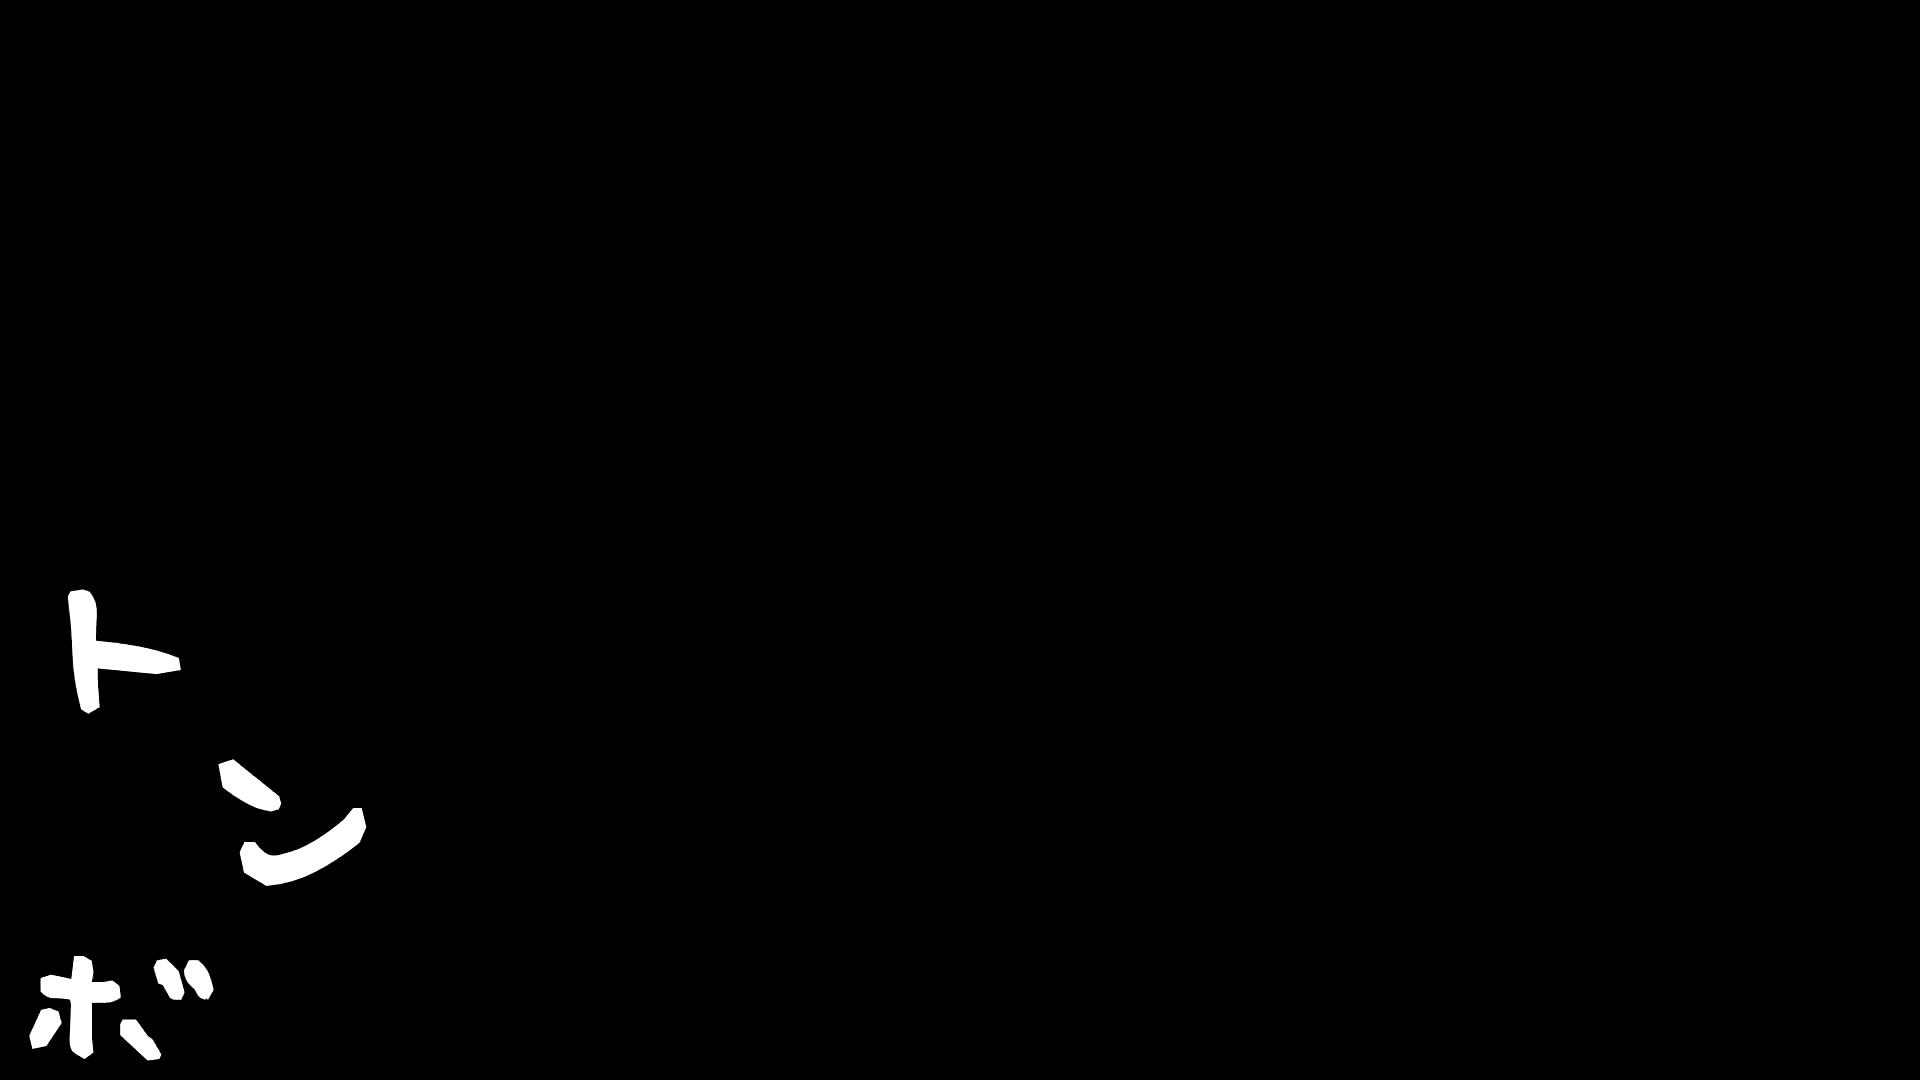 リアル盗撮 清楚なお女市さんのマル秘私生活① 高画質 おまんこ動画流出 71PIX 62